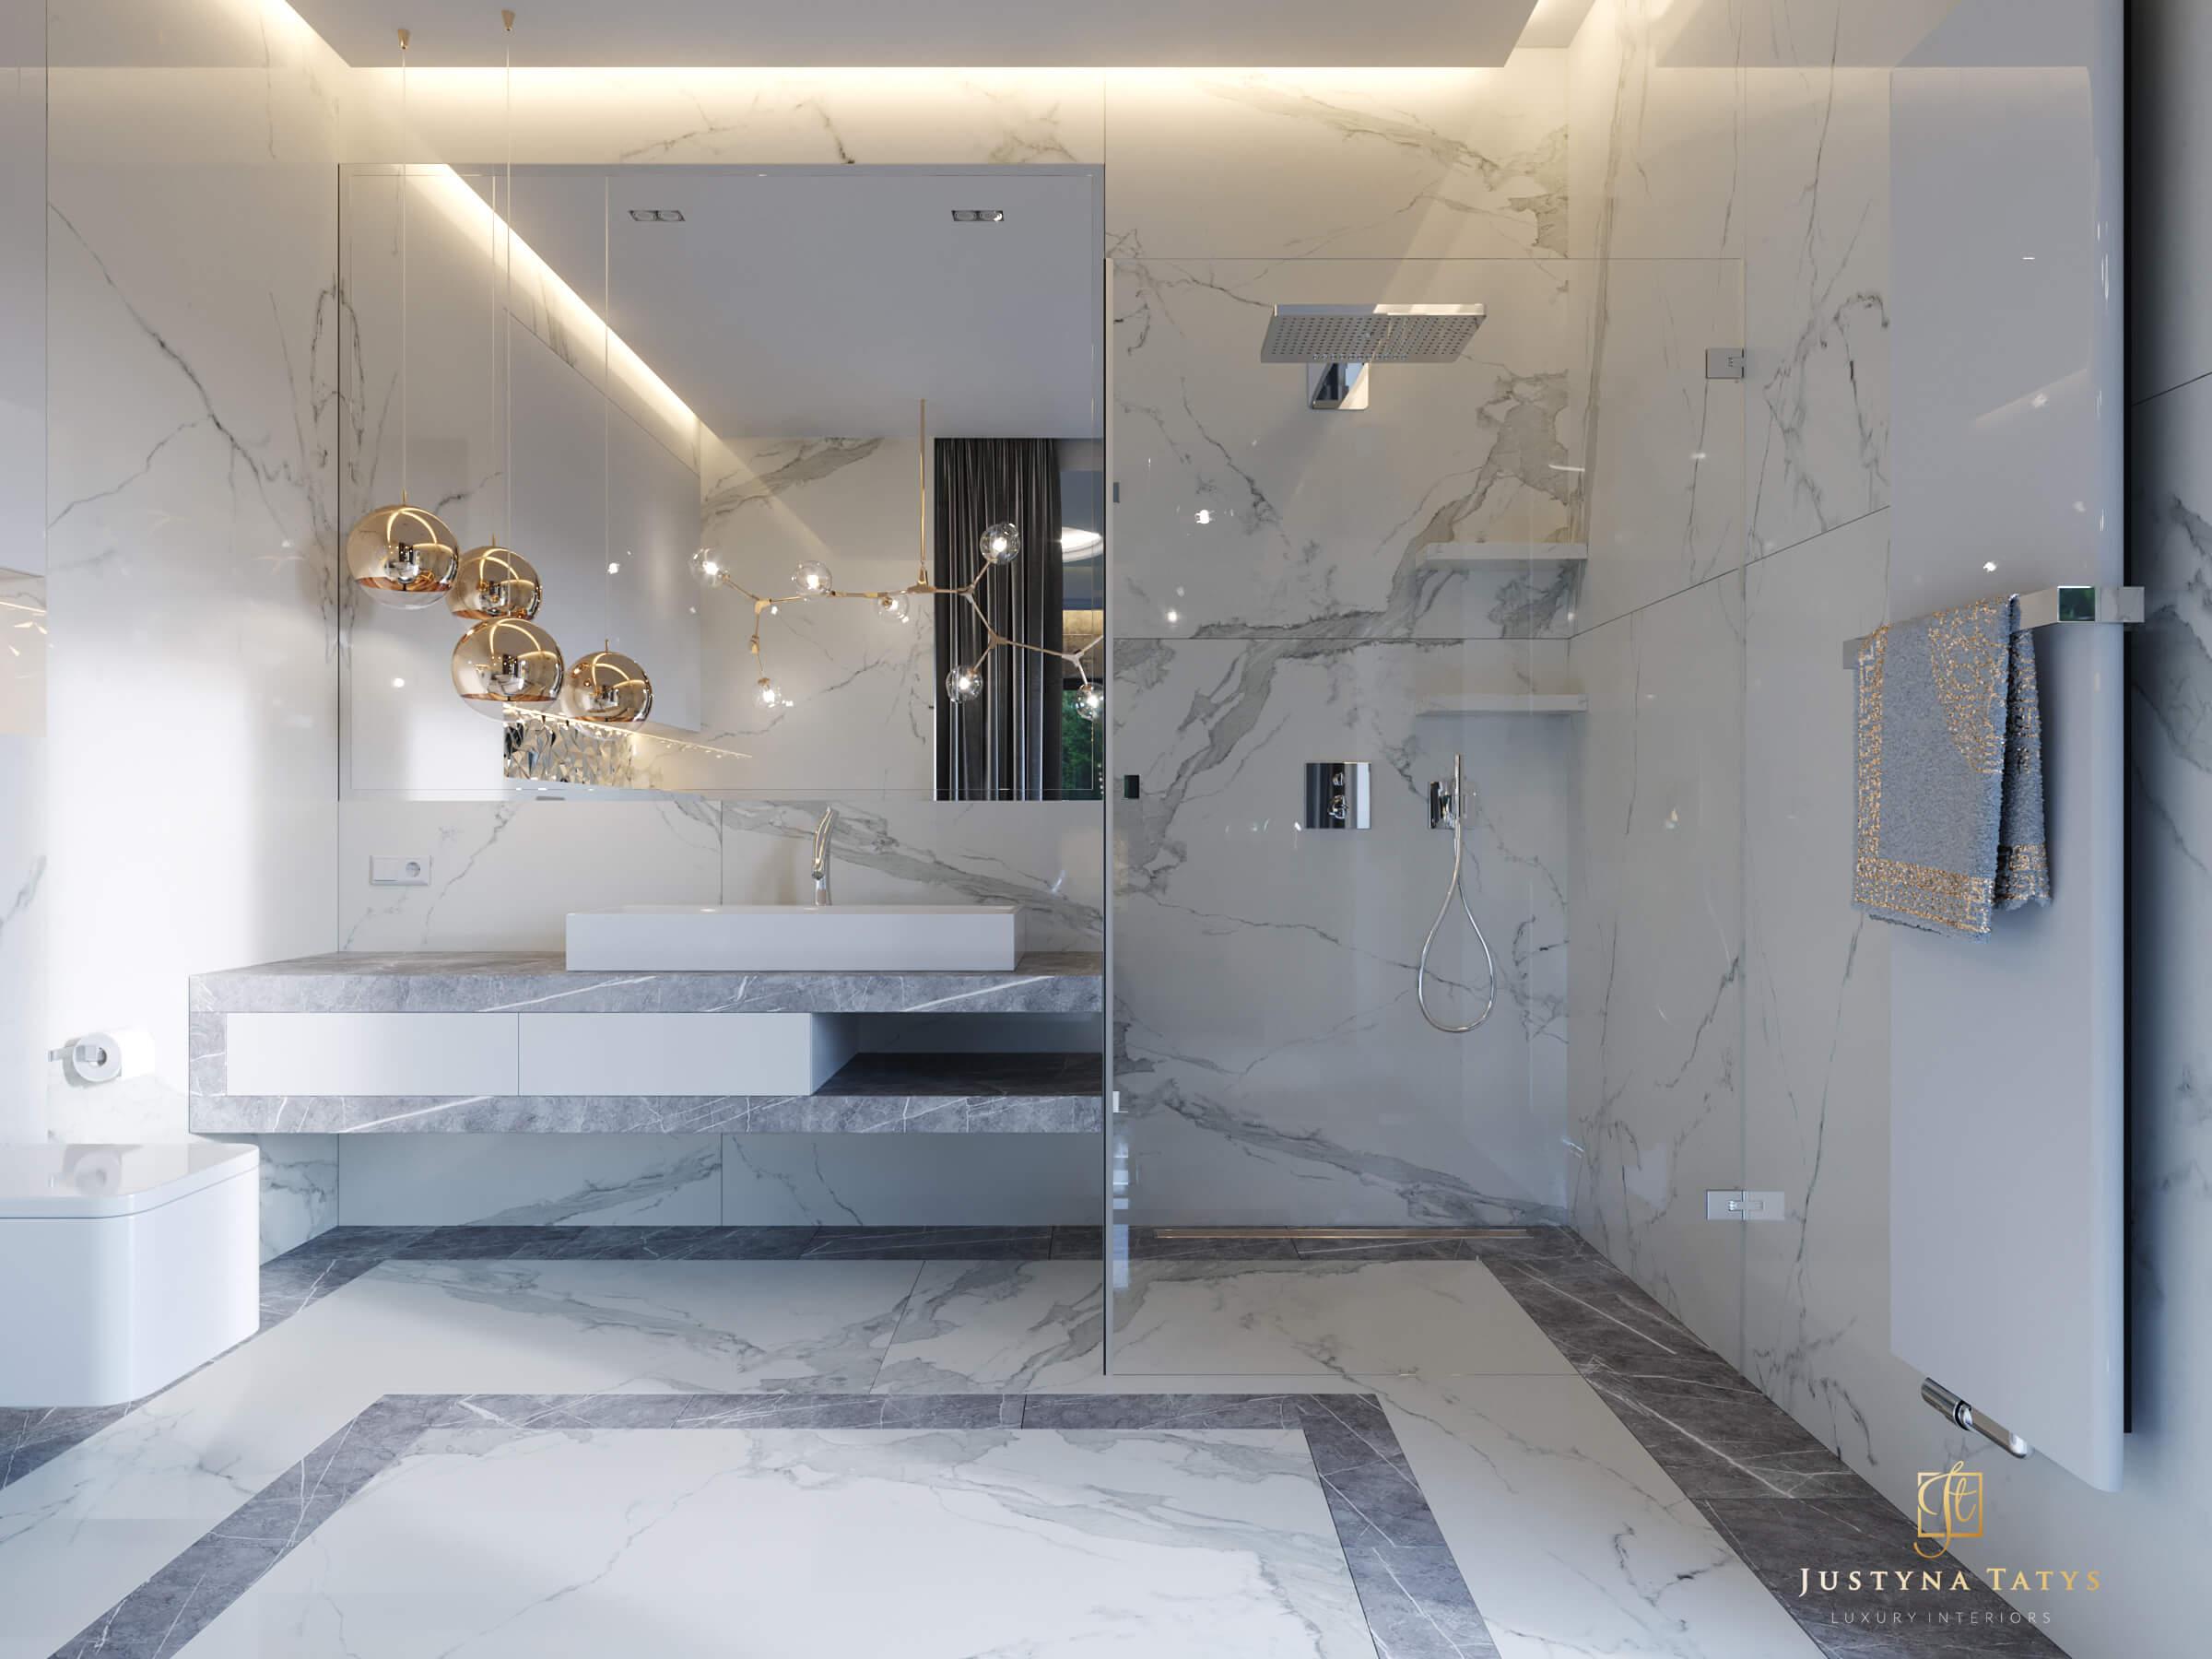 łazienka Z Marmuru Luksusowe łazienki Projekt Justyny Tatys